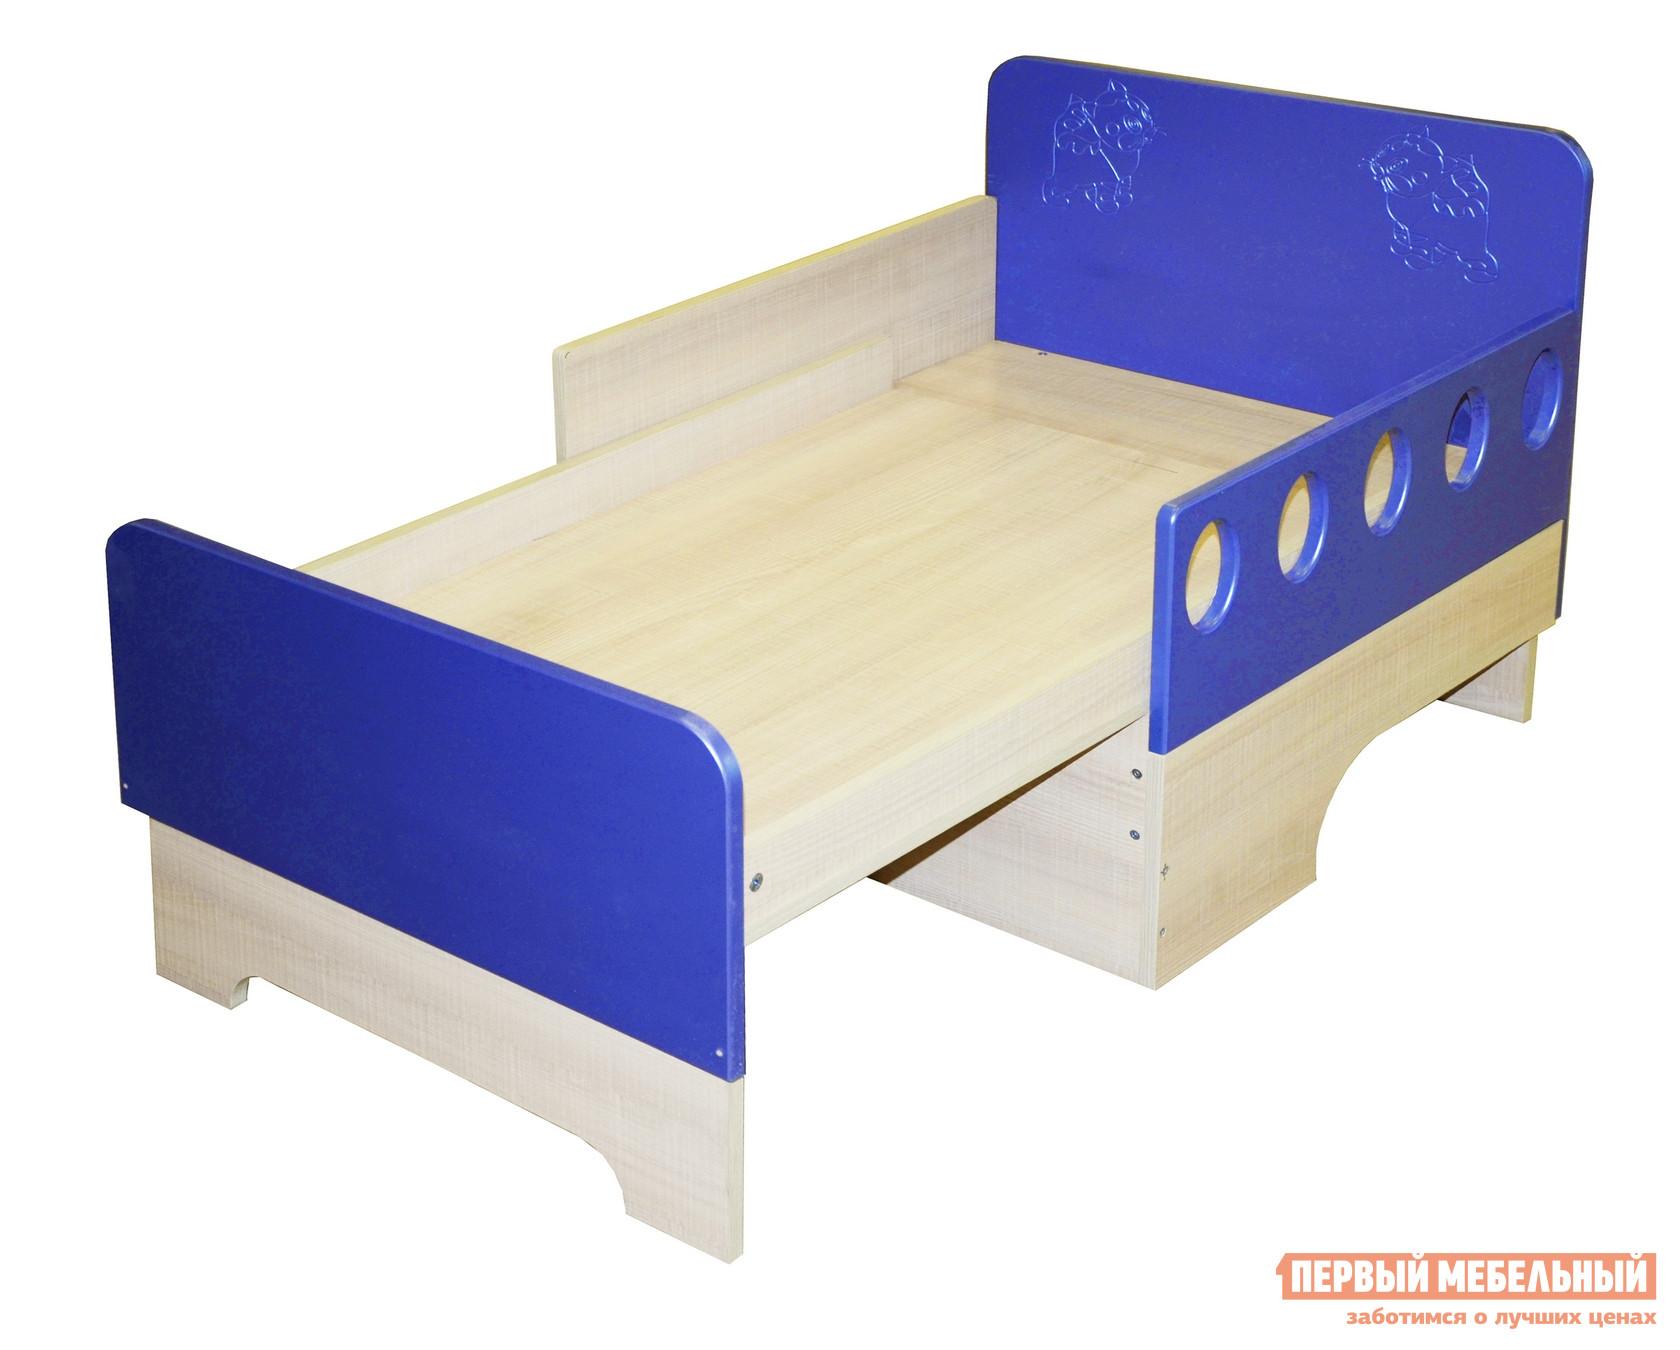 Раздвижная кровать для ребенка своими руками